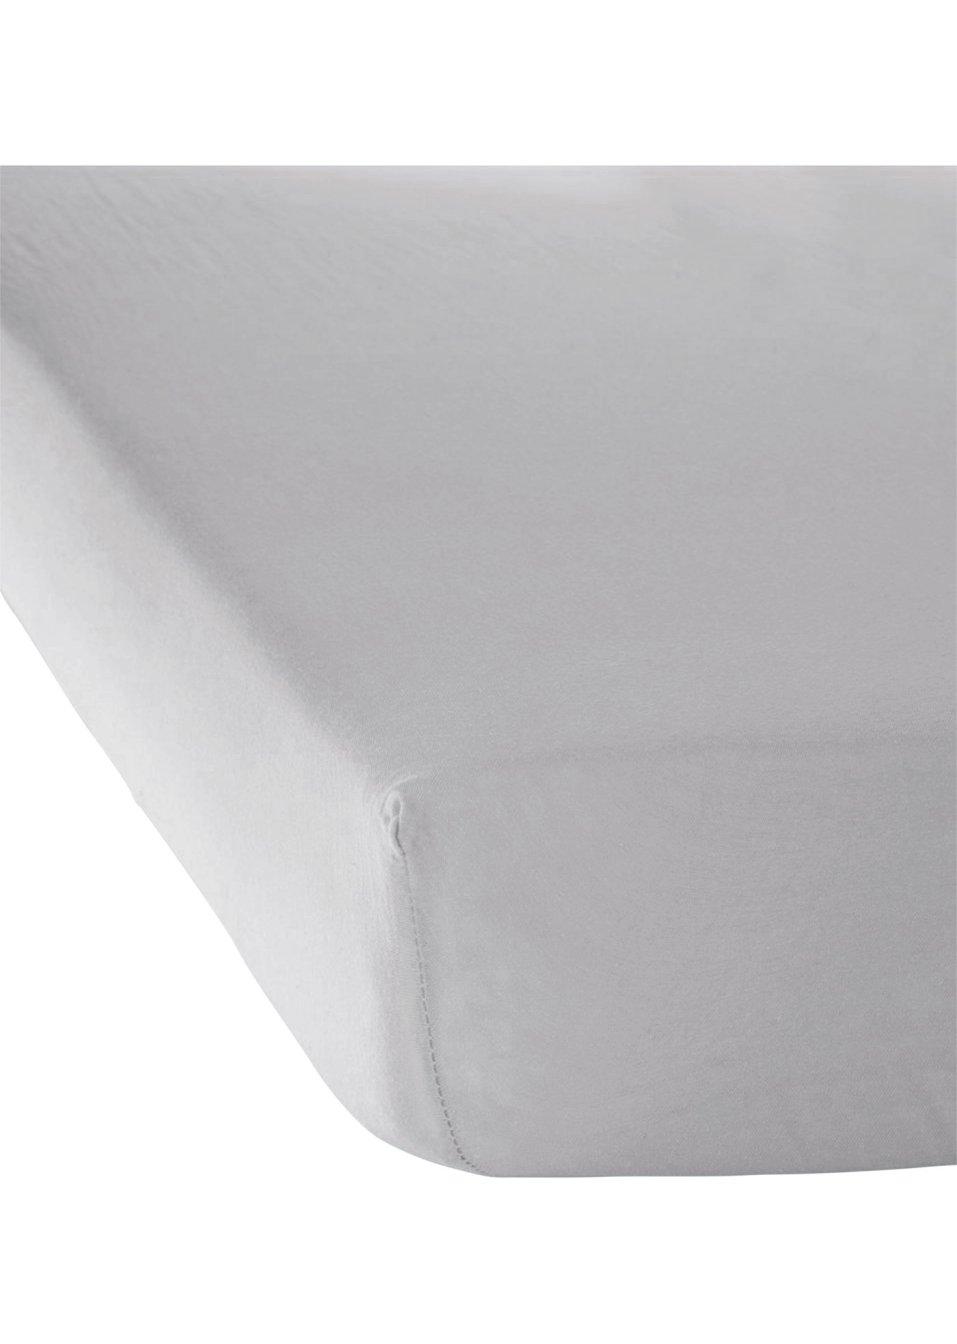 drap housse jersey taille sup rieure gris clair bpc living bonprix. Black Bedroom Furniture Sets. Home Design Ideas